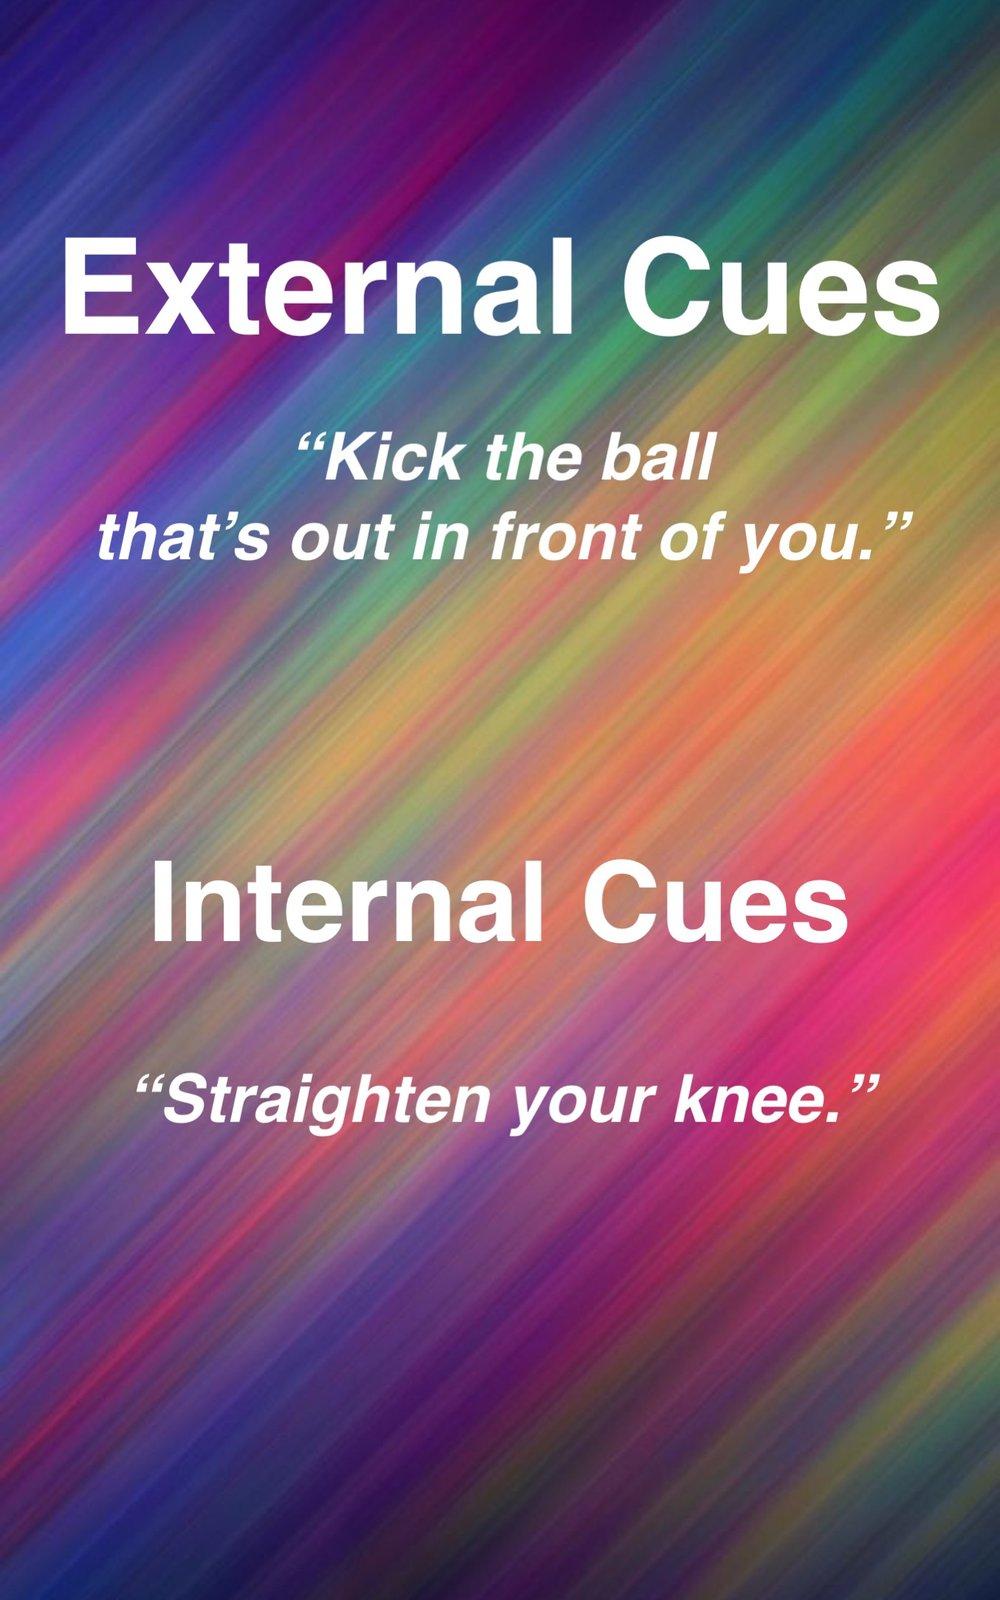 External Cues06.jpg